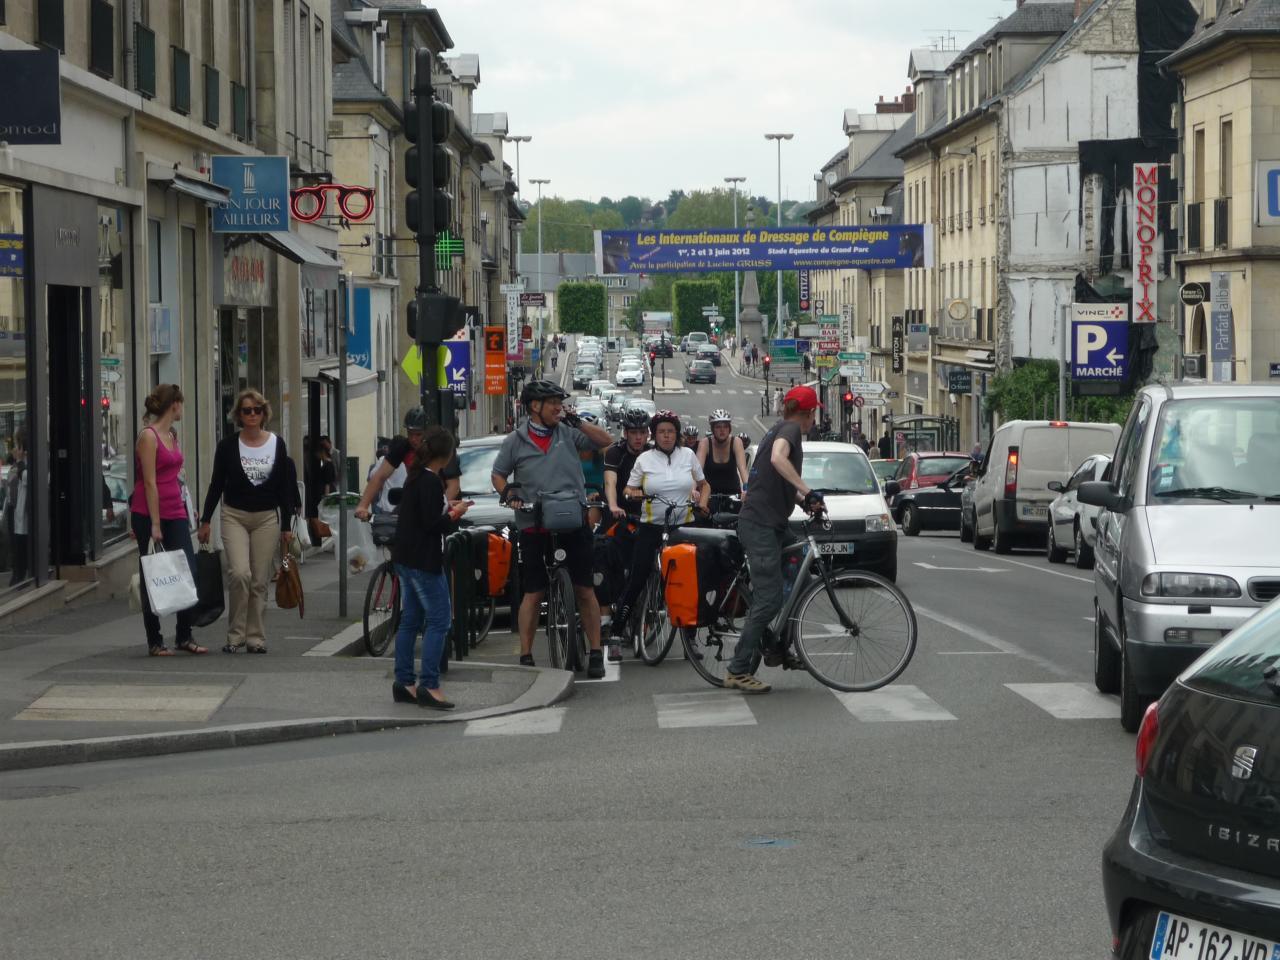 Arrivée à Compiègne